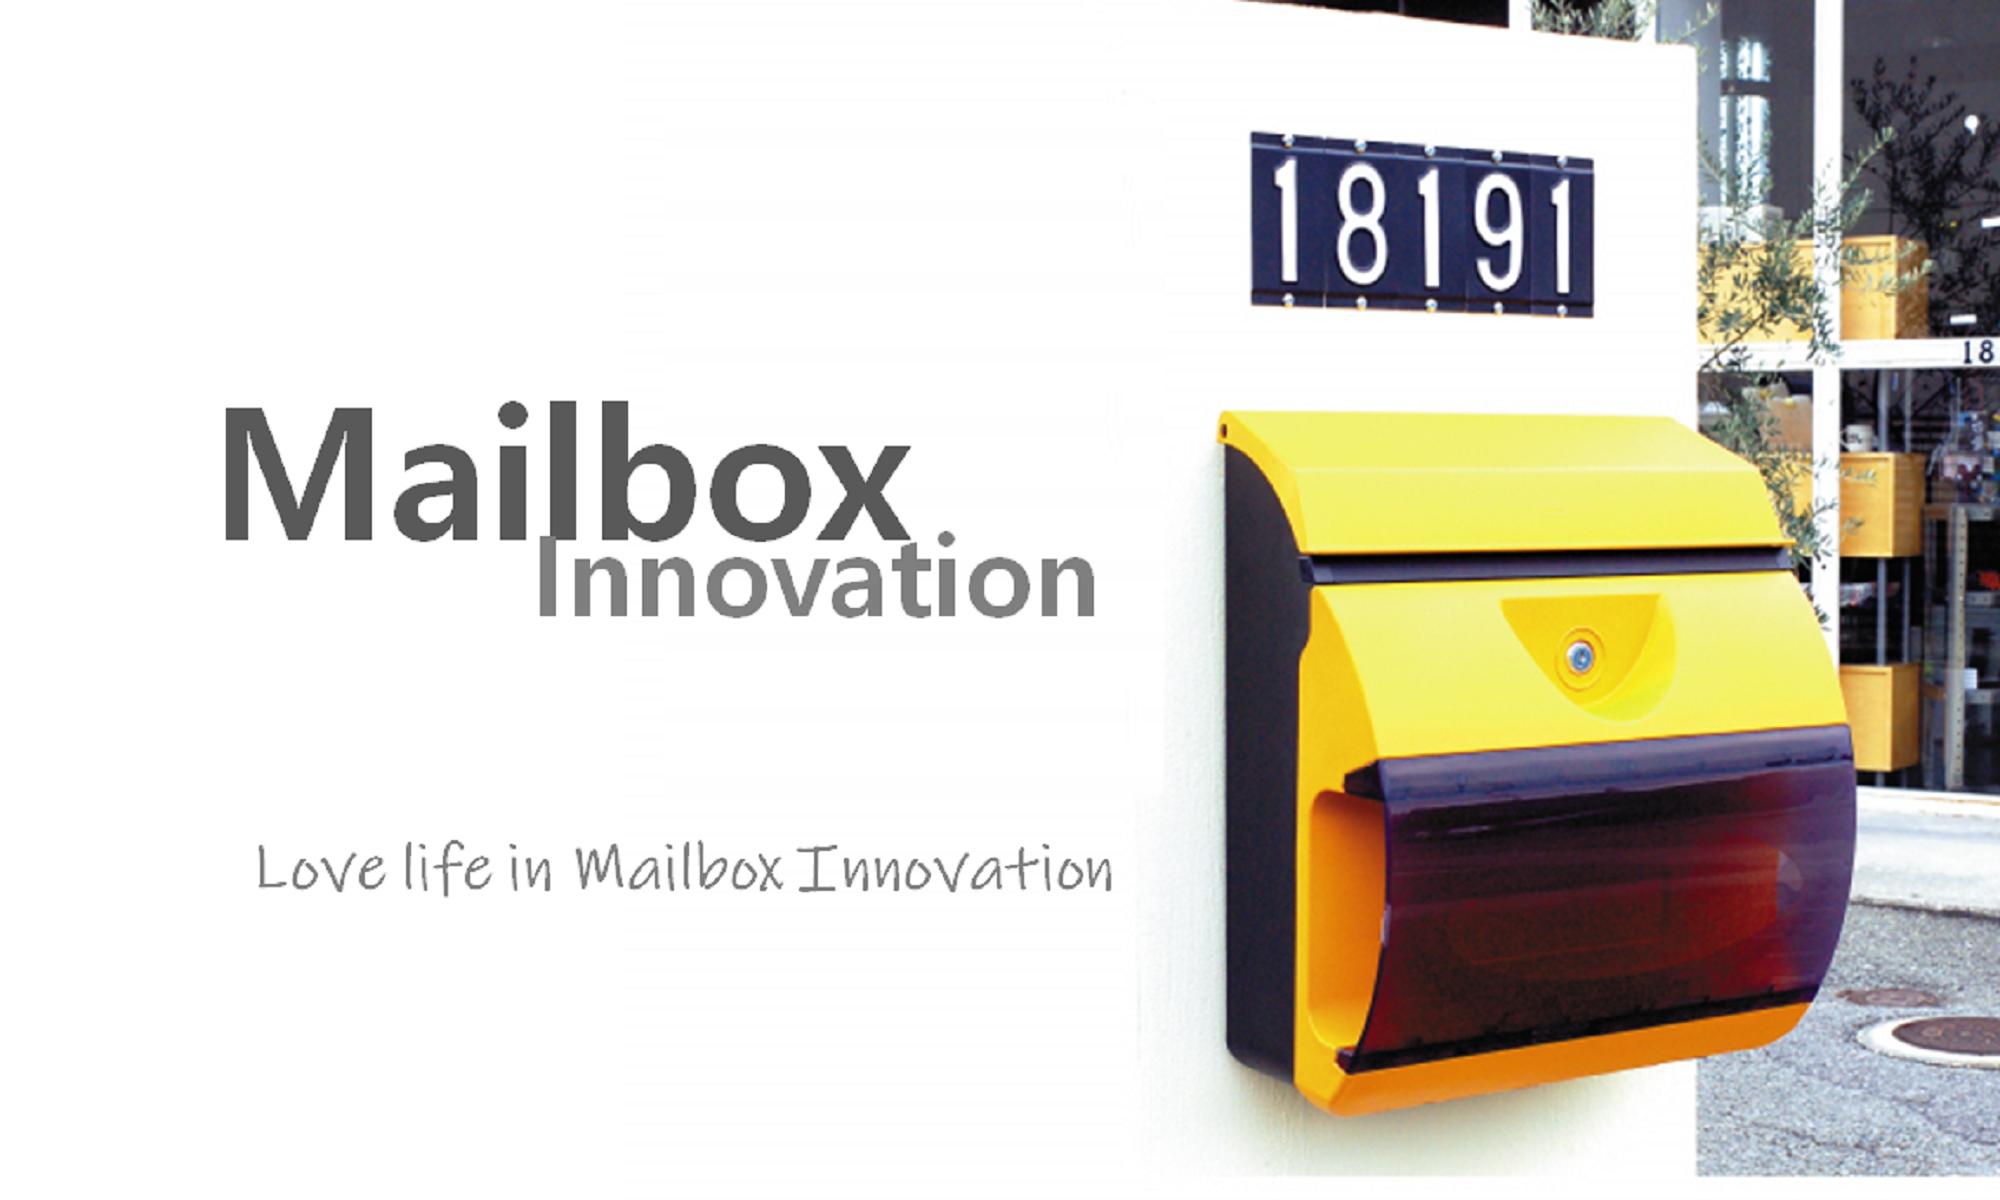 Mailbox Innovation